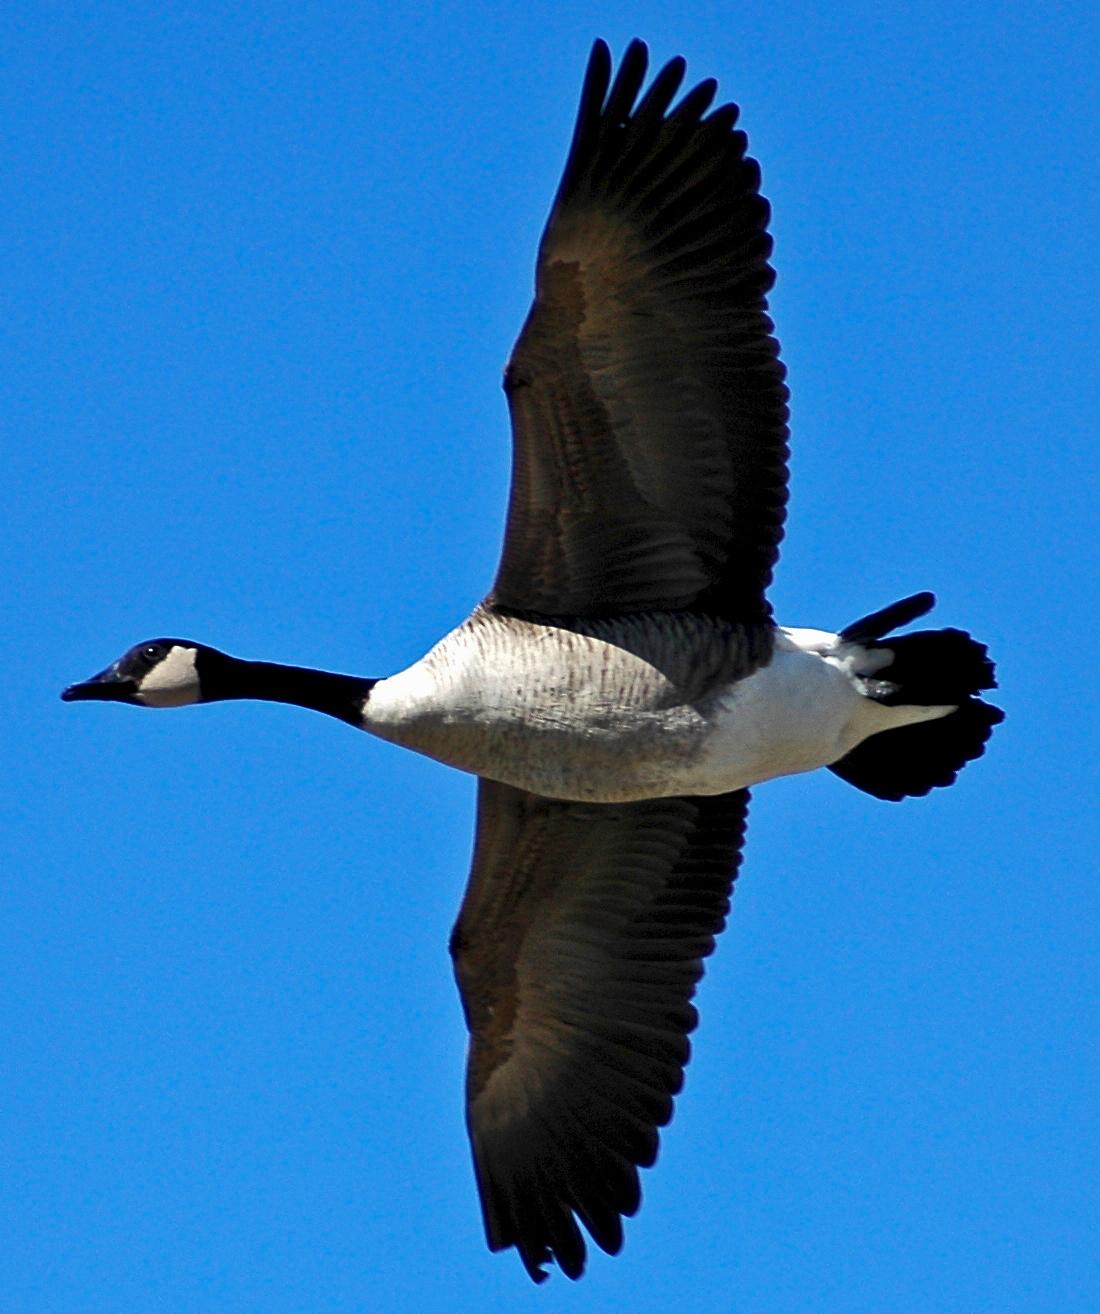 canada flying: